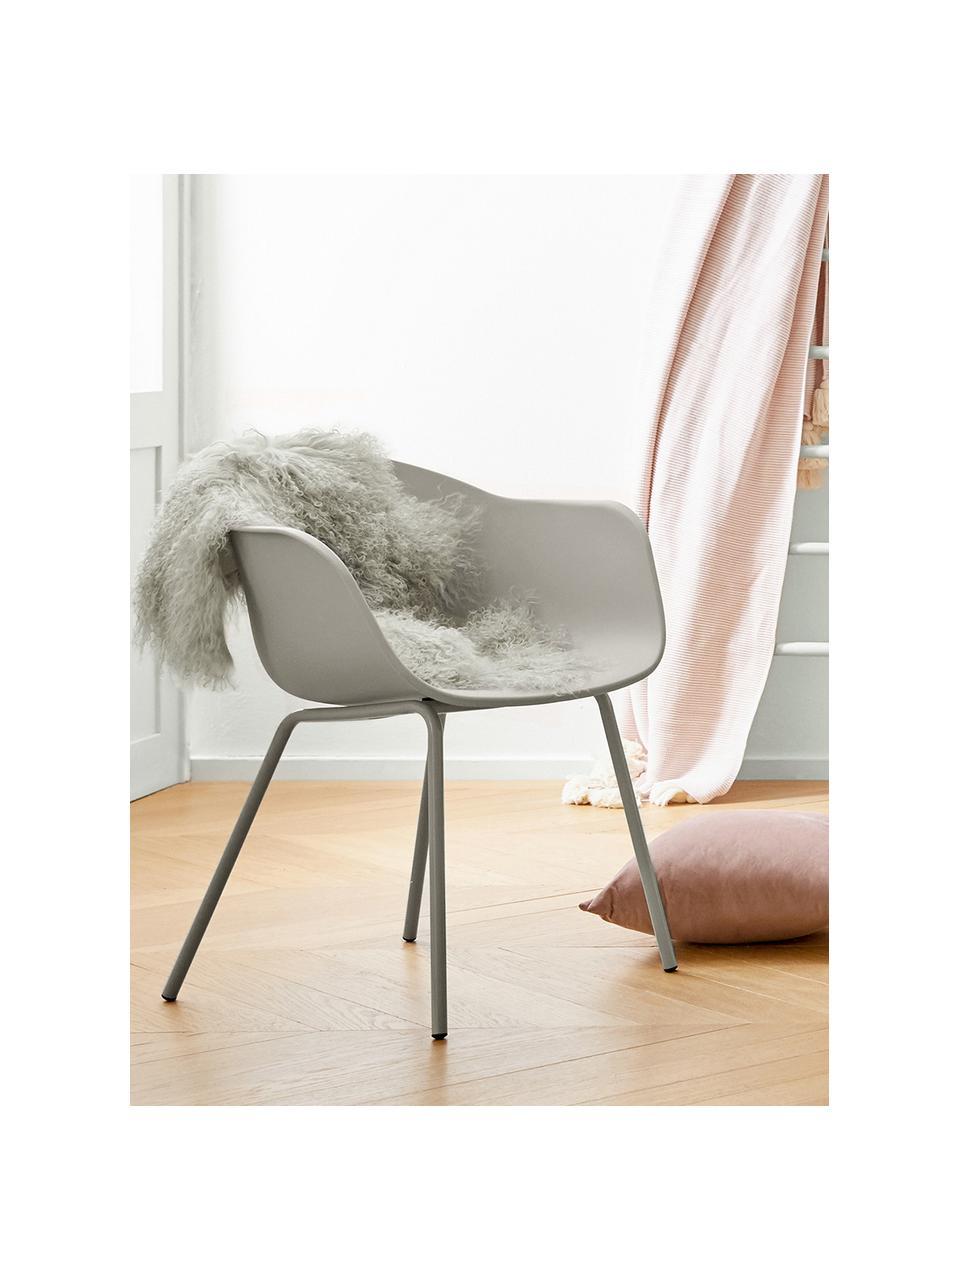 Chaise scandinave plastique Claire, Gris-beige